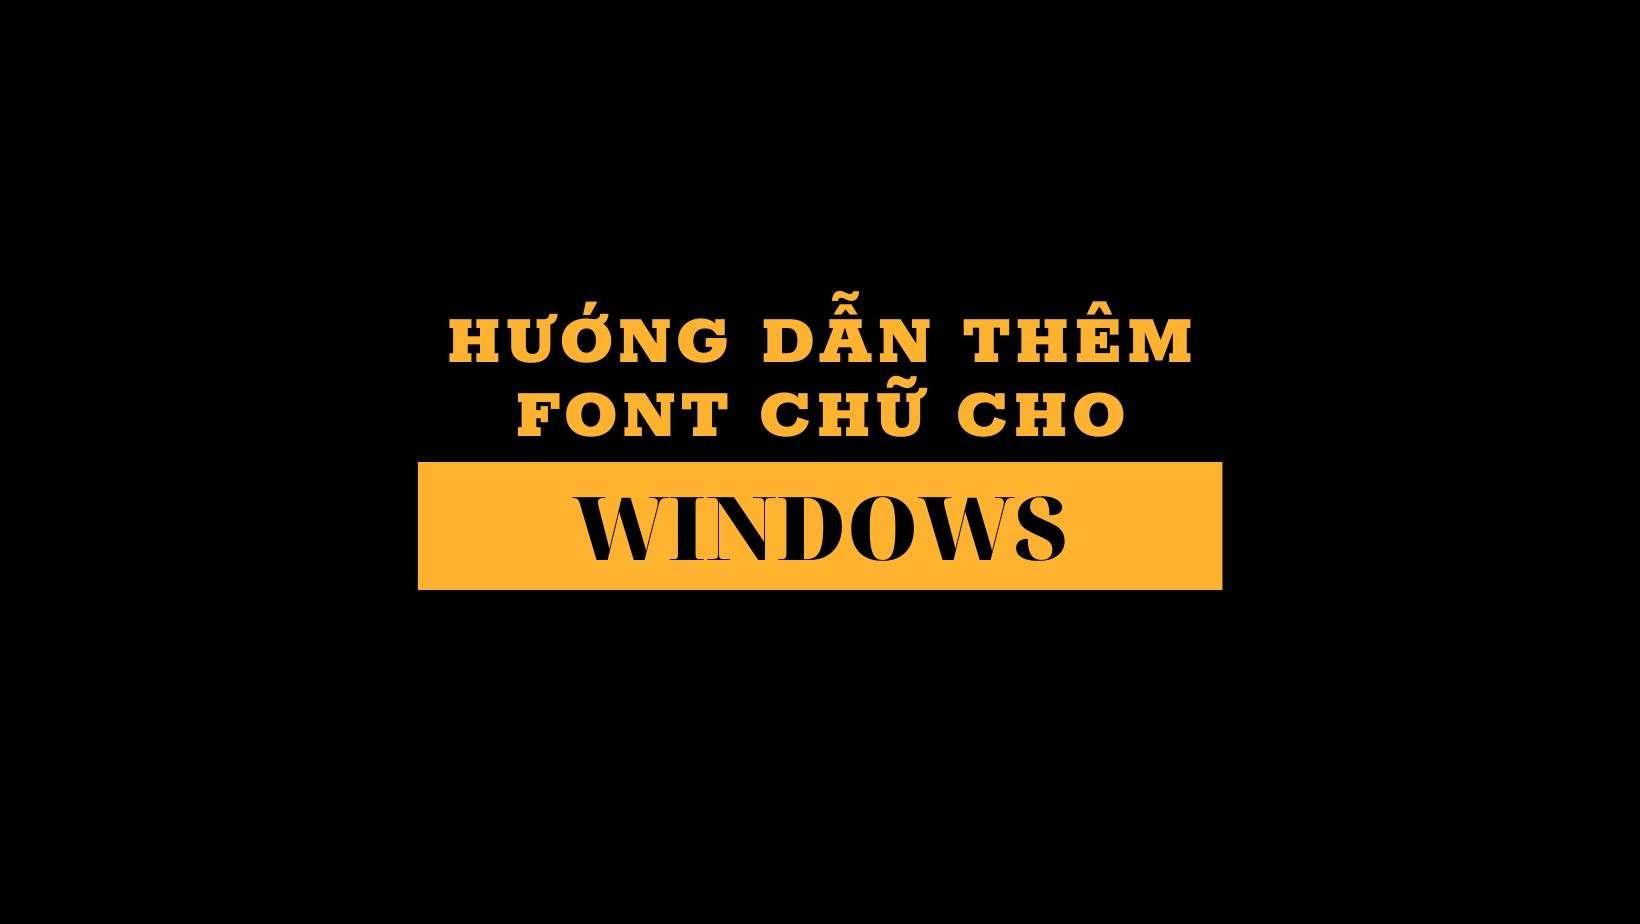 Hướng dẫn thêm font chữ cho windows